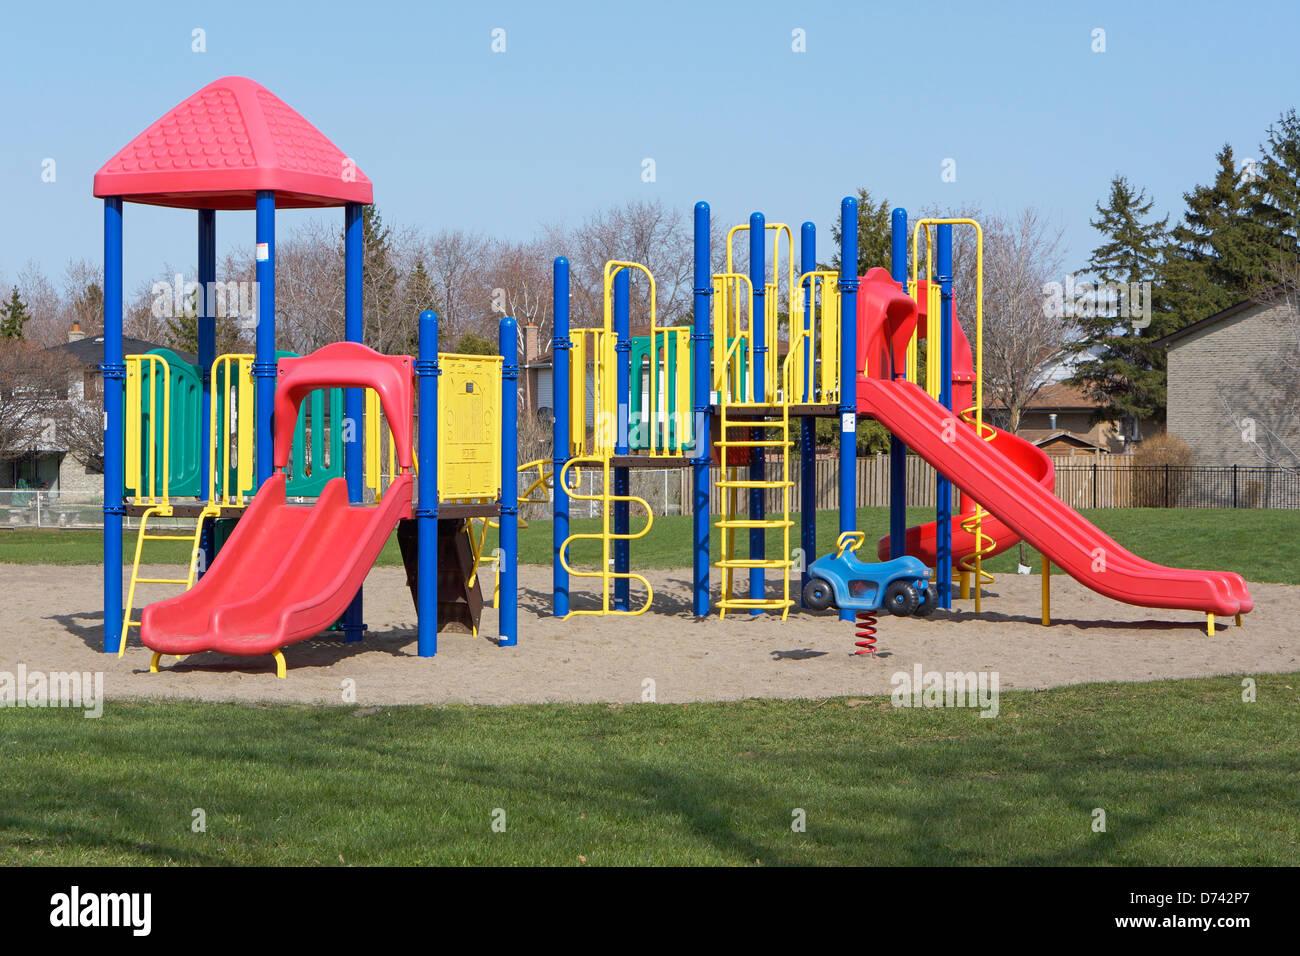 Aire de jeux pour enfants, des diapositives sur le terrain de l'école Photo Stock